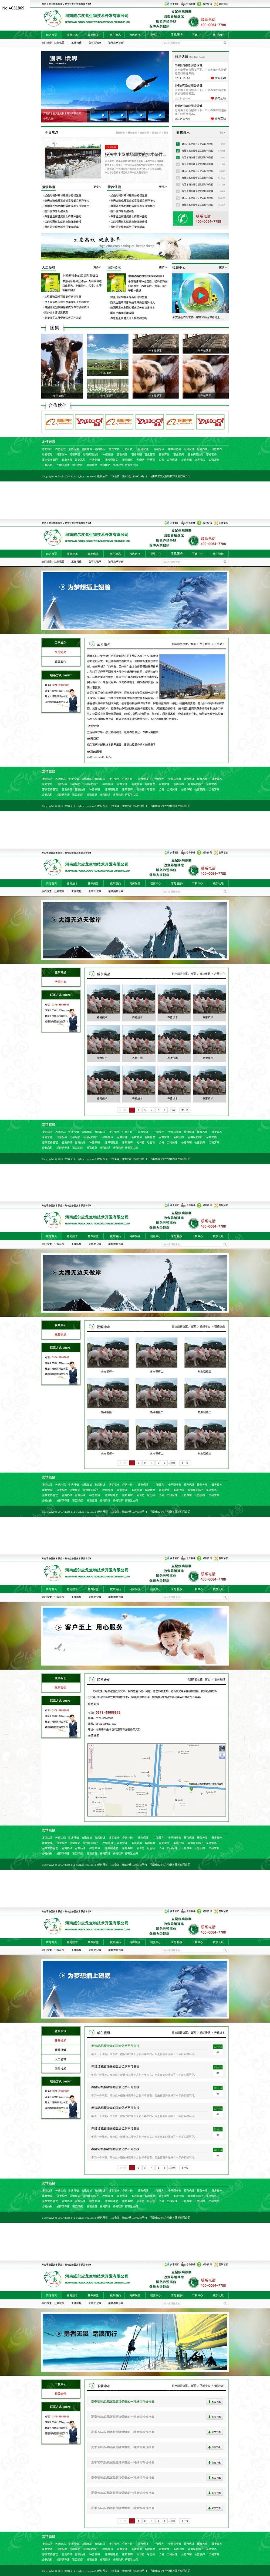 全套生物科技企业网站设计模板图片